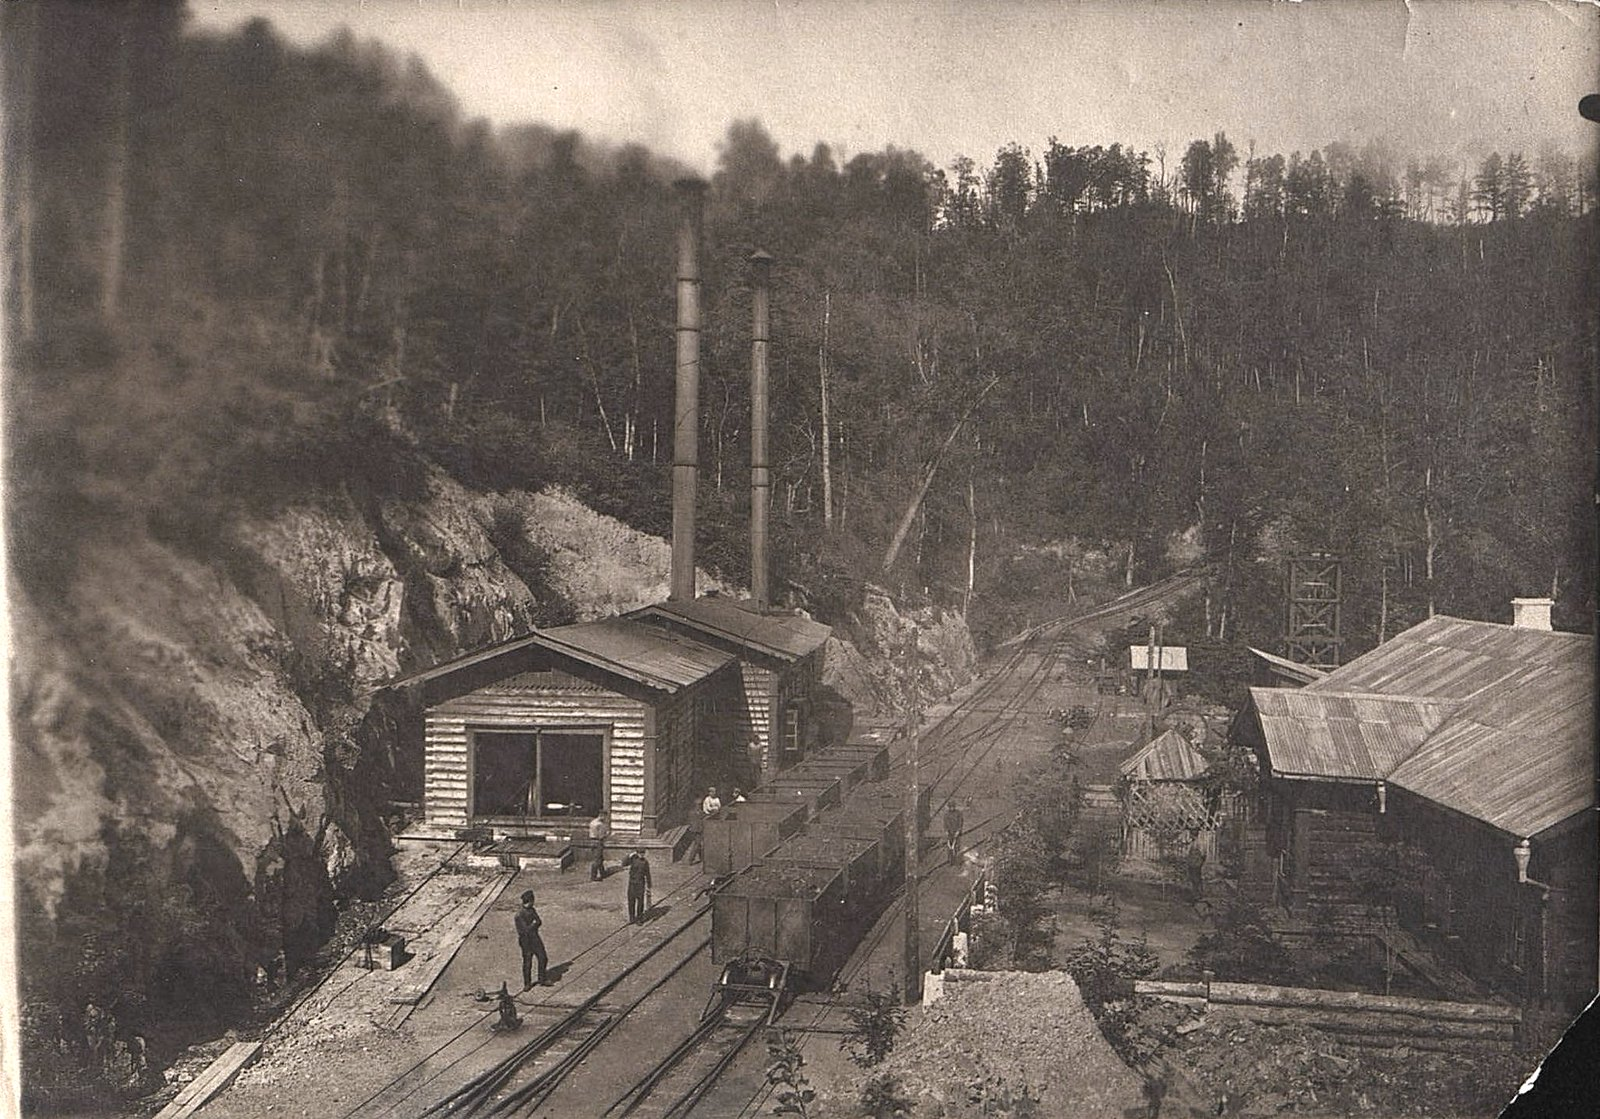 Участок Сучанской узкоколейной железной дороги с применением канатной тяги в районе перевала Сихотэ-Алинь.